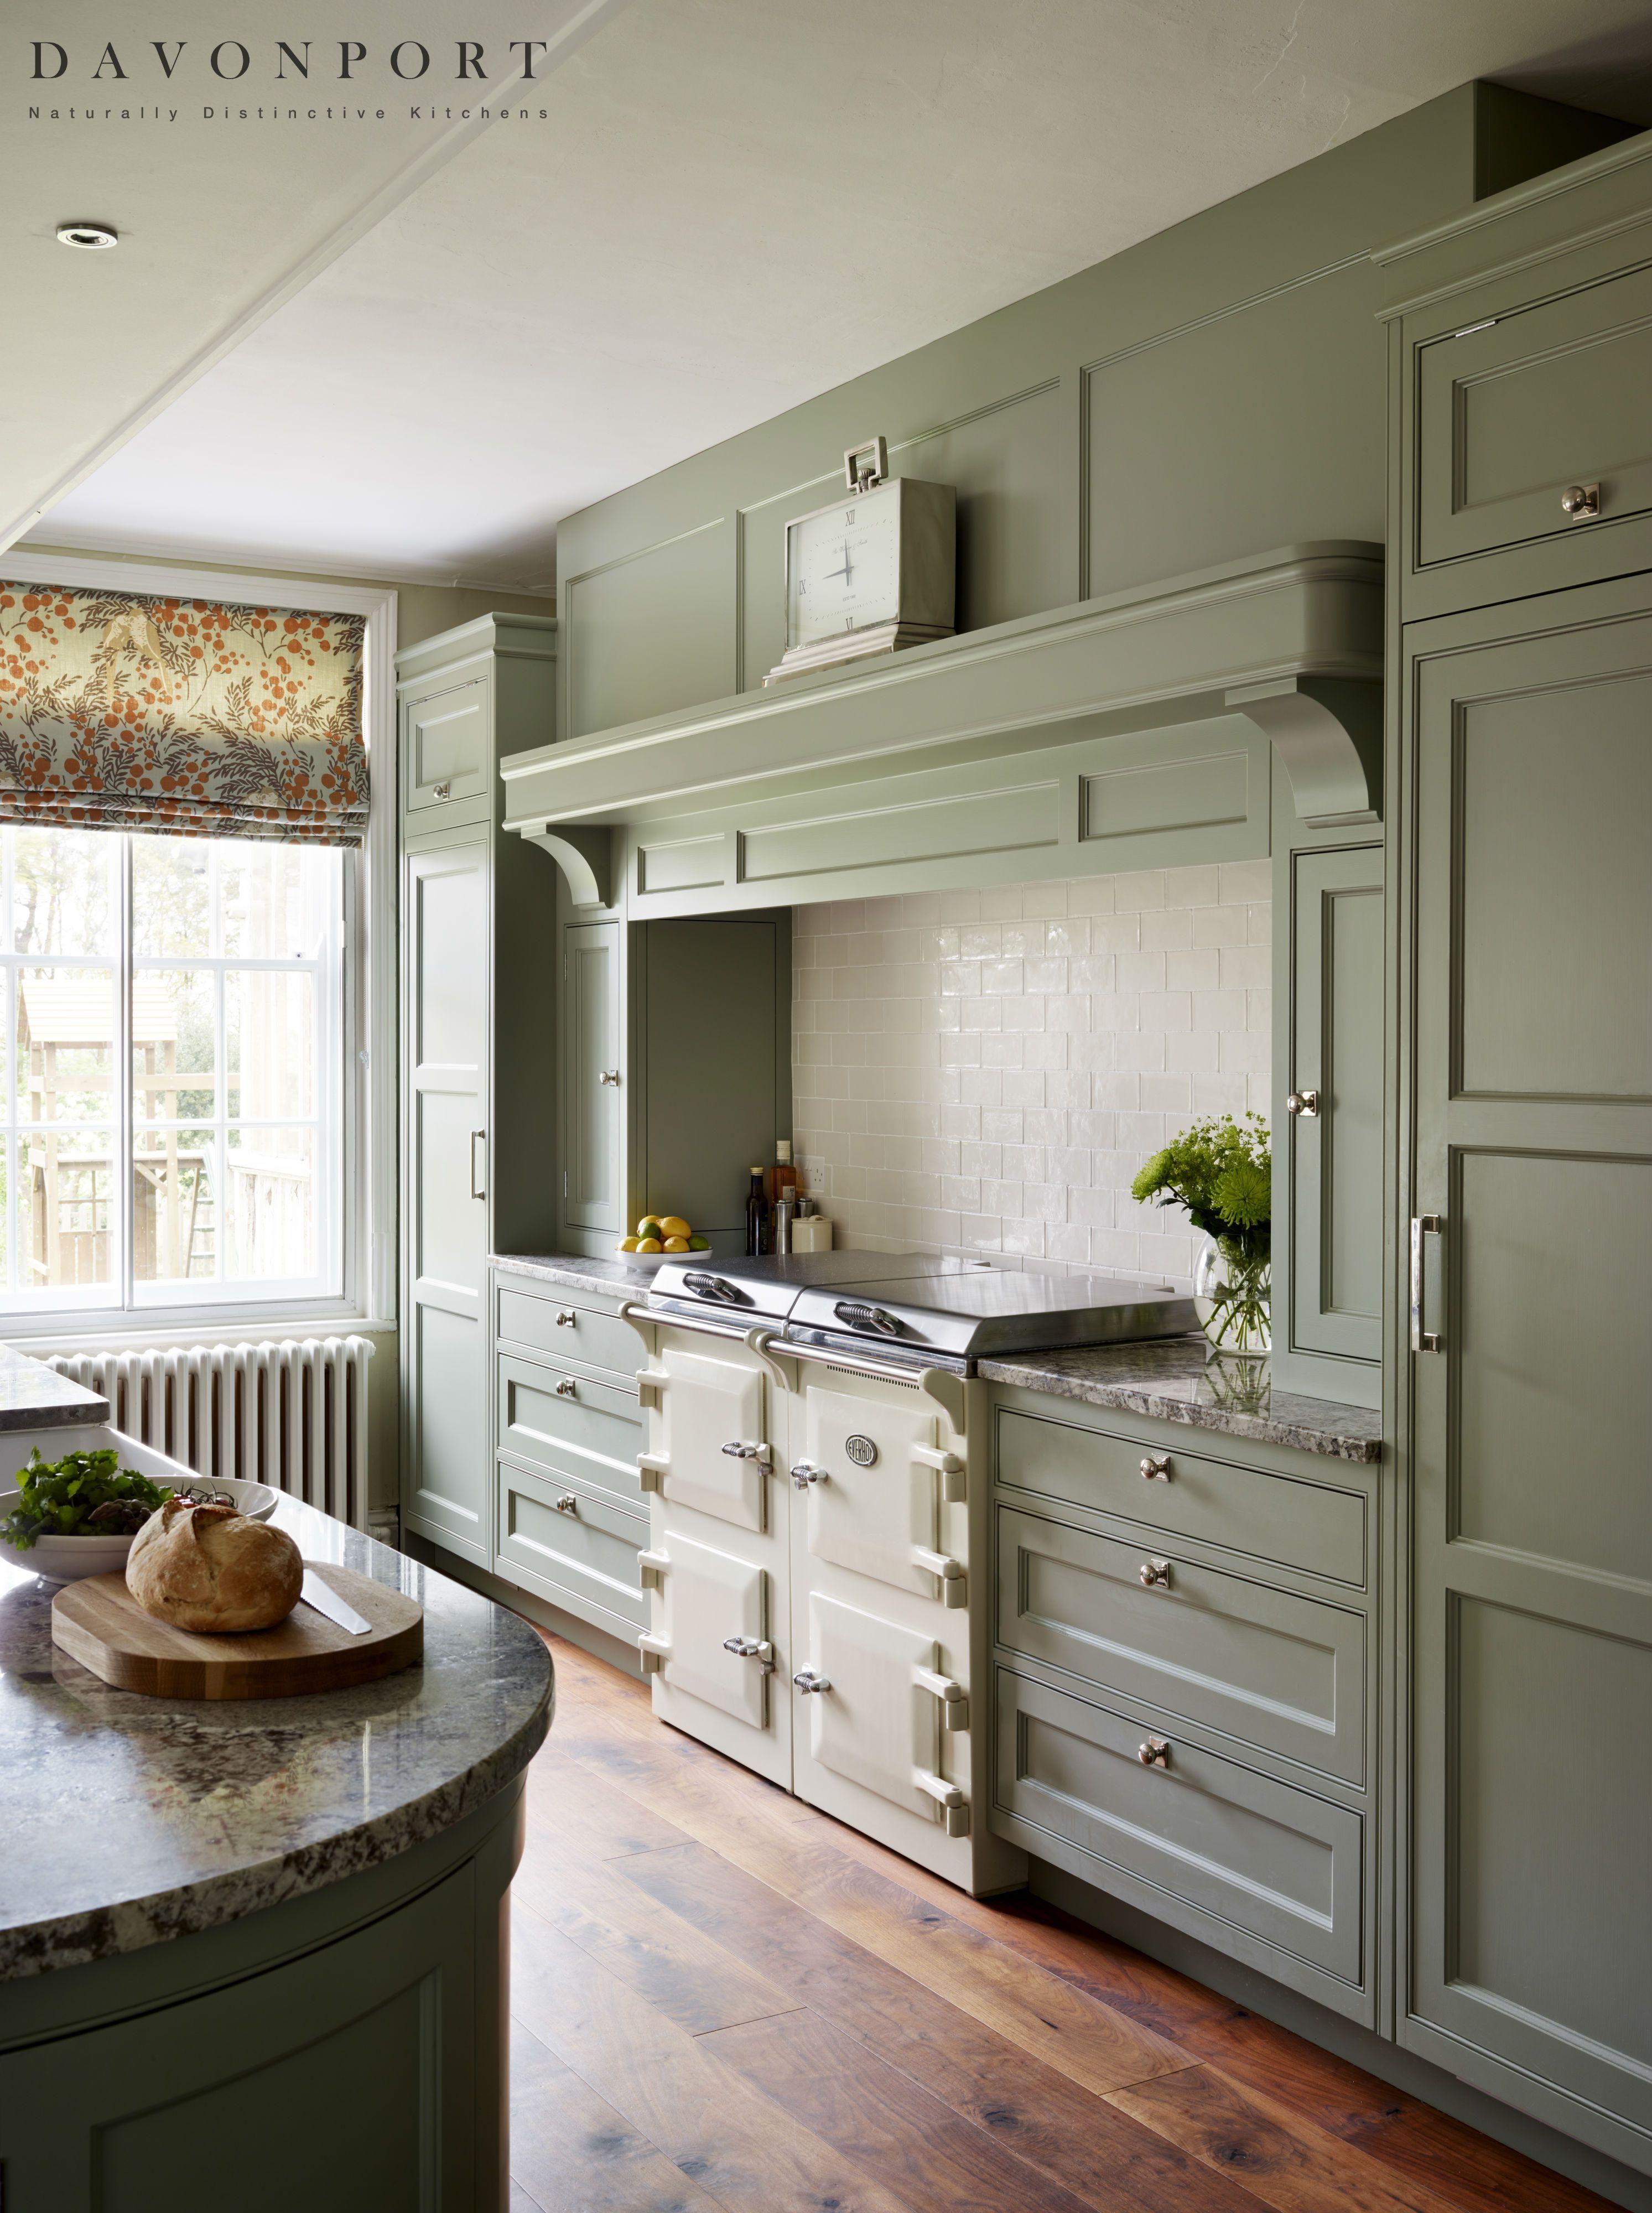 Grand Kitchen Farmhouse kitchen design, Green kitchen